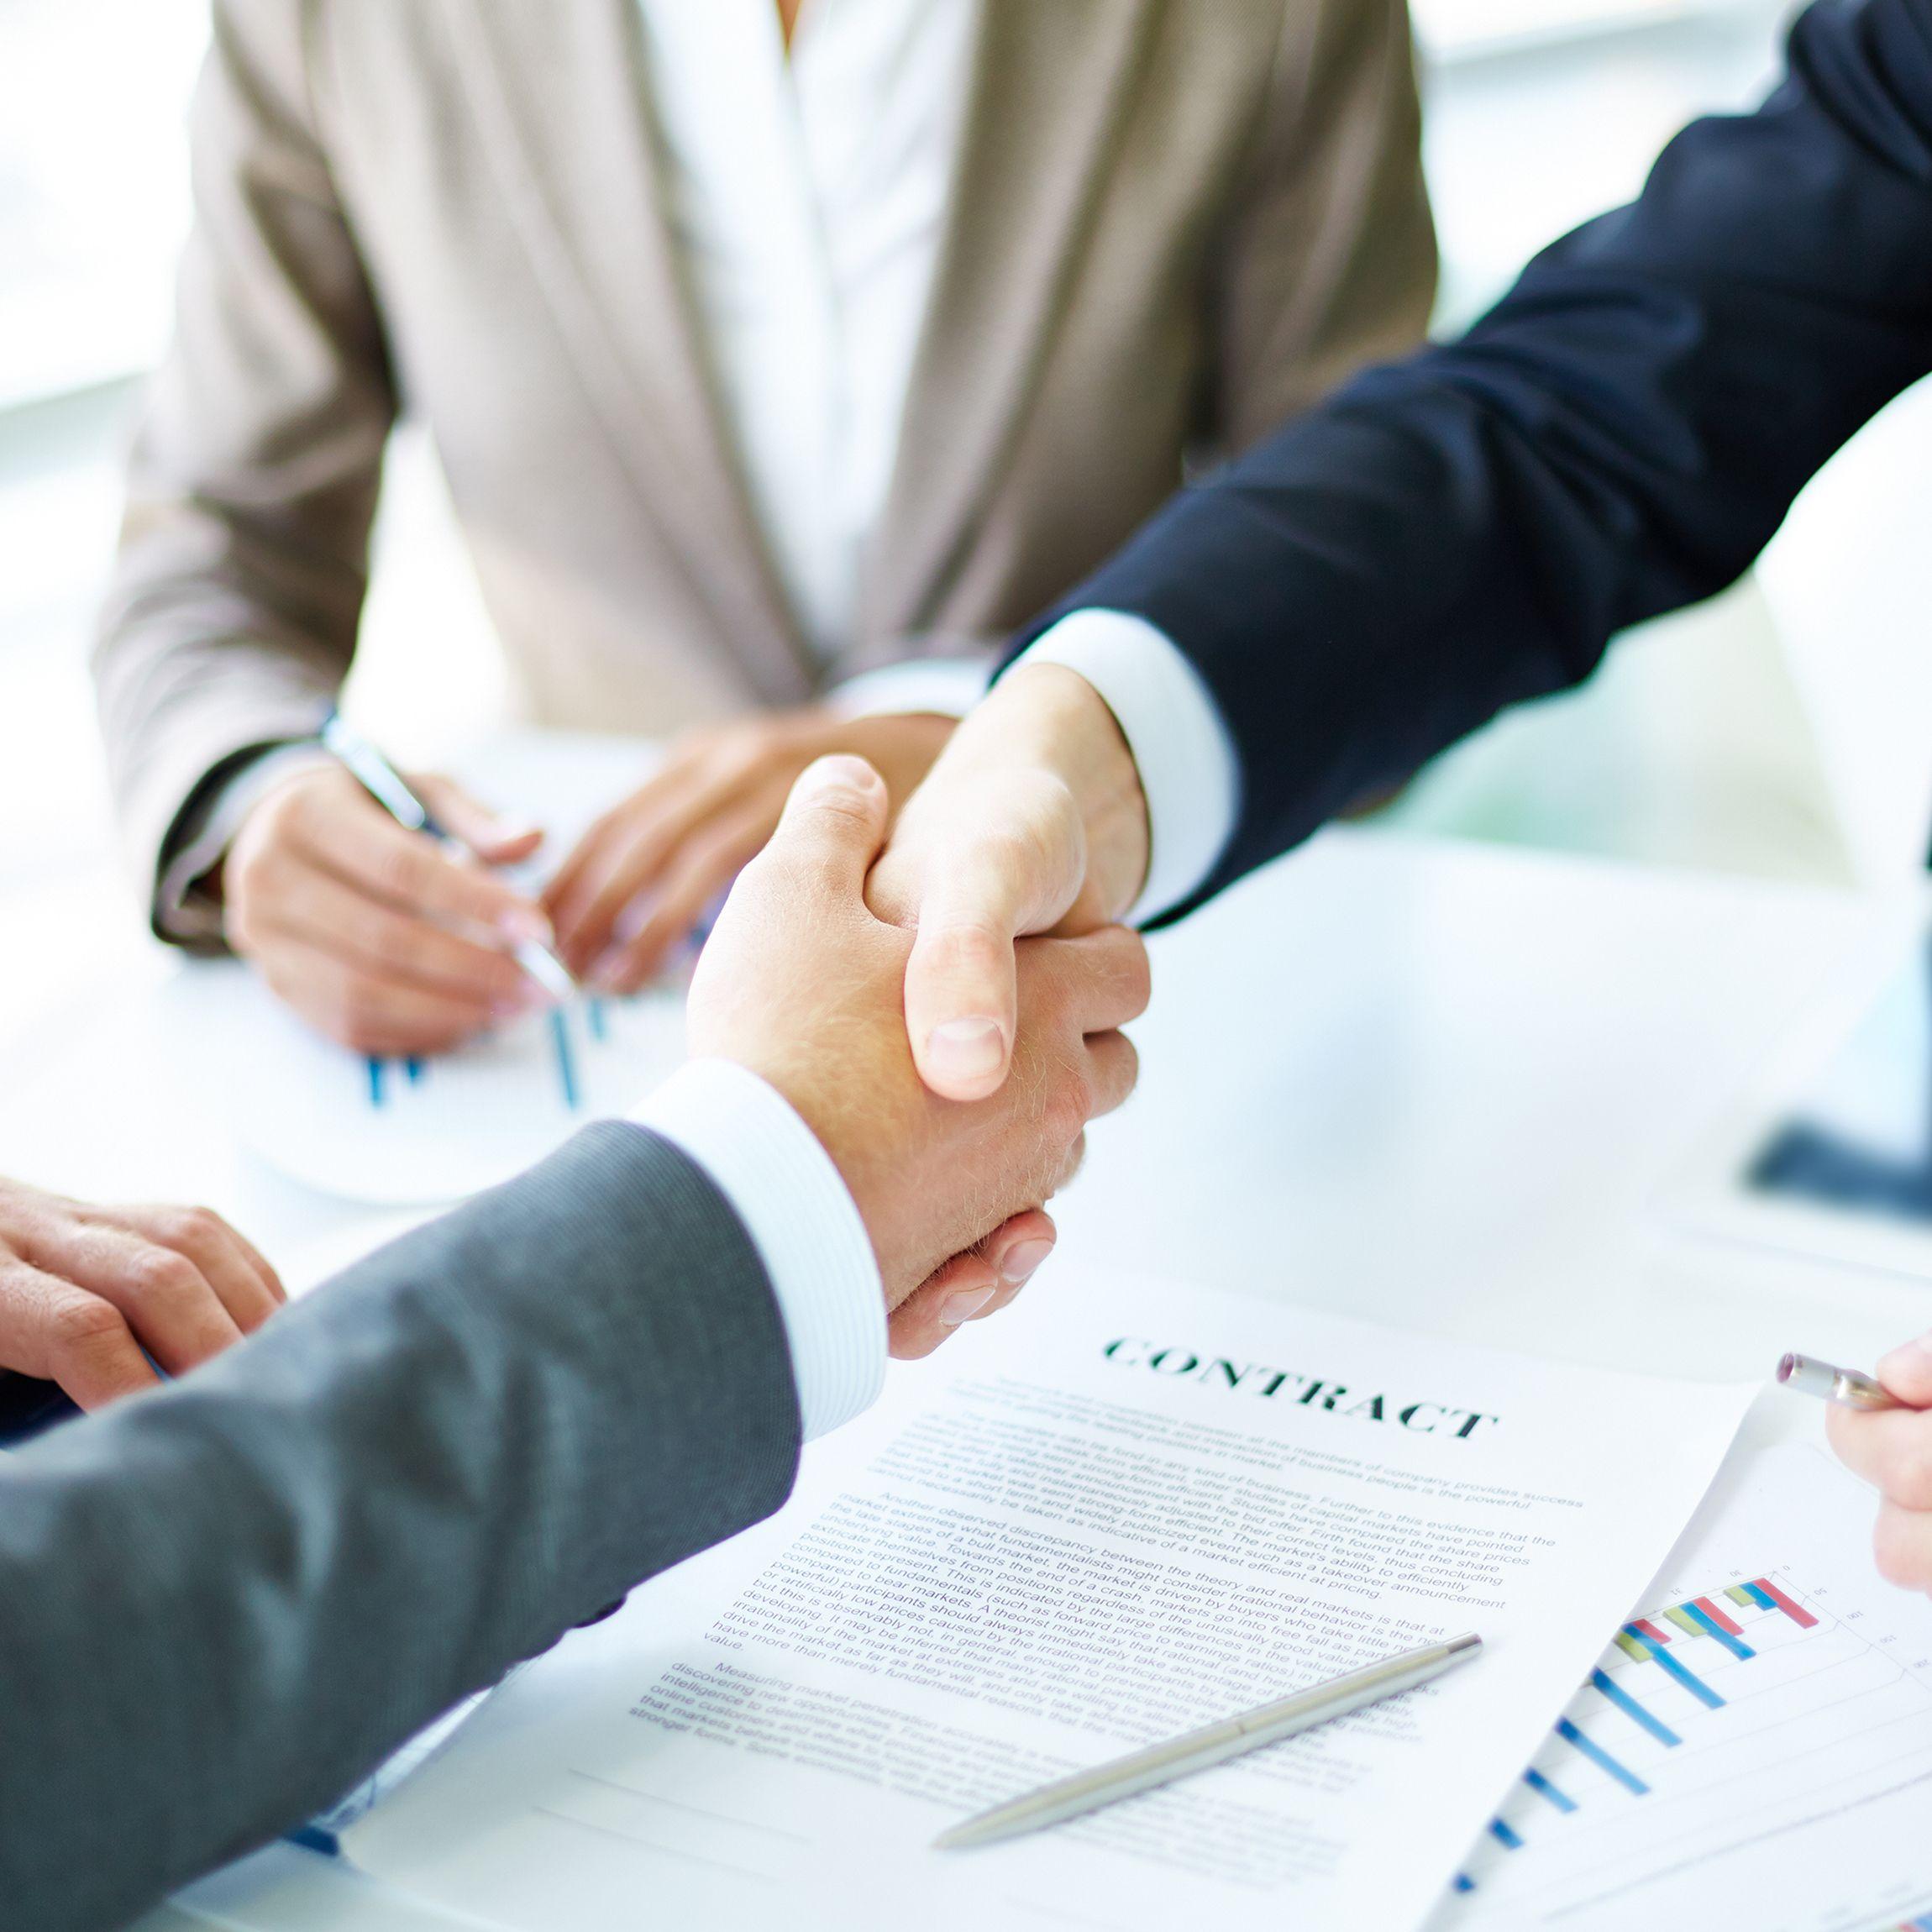 062e0161413 Définition du contrat de travail   ce que vous devez savoir en 3 min